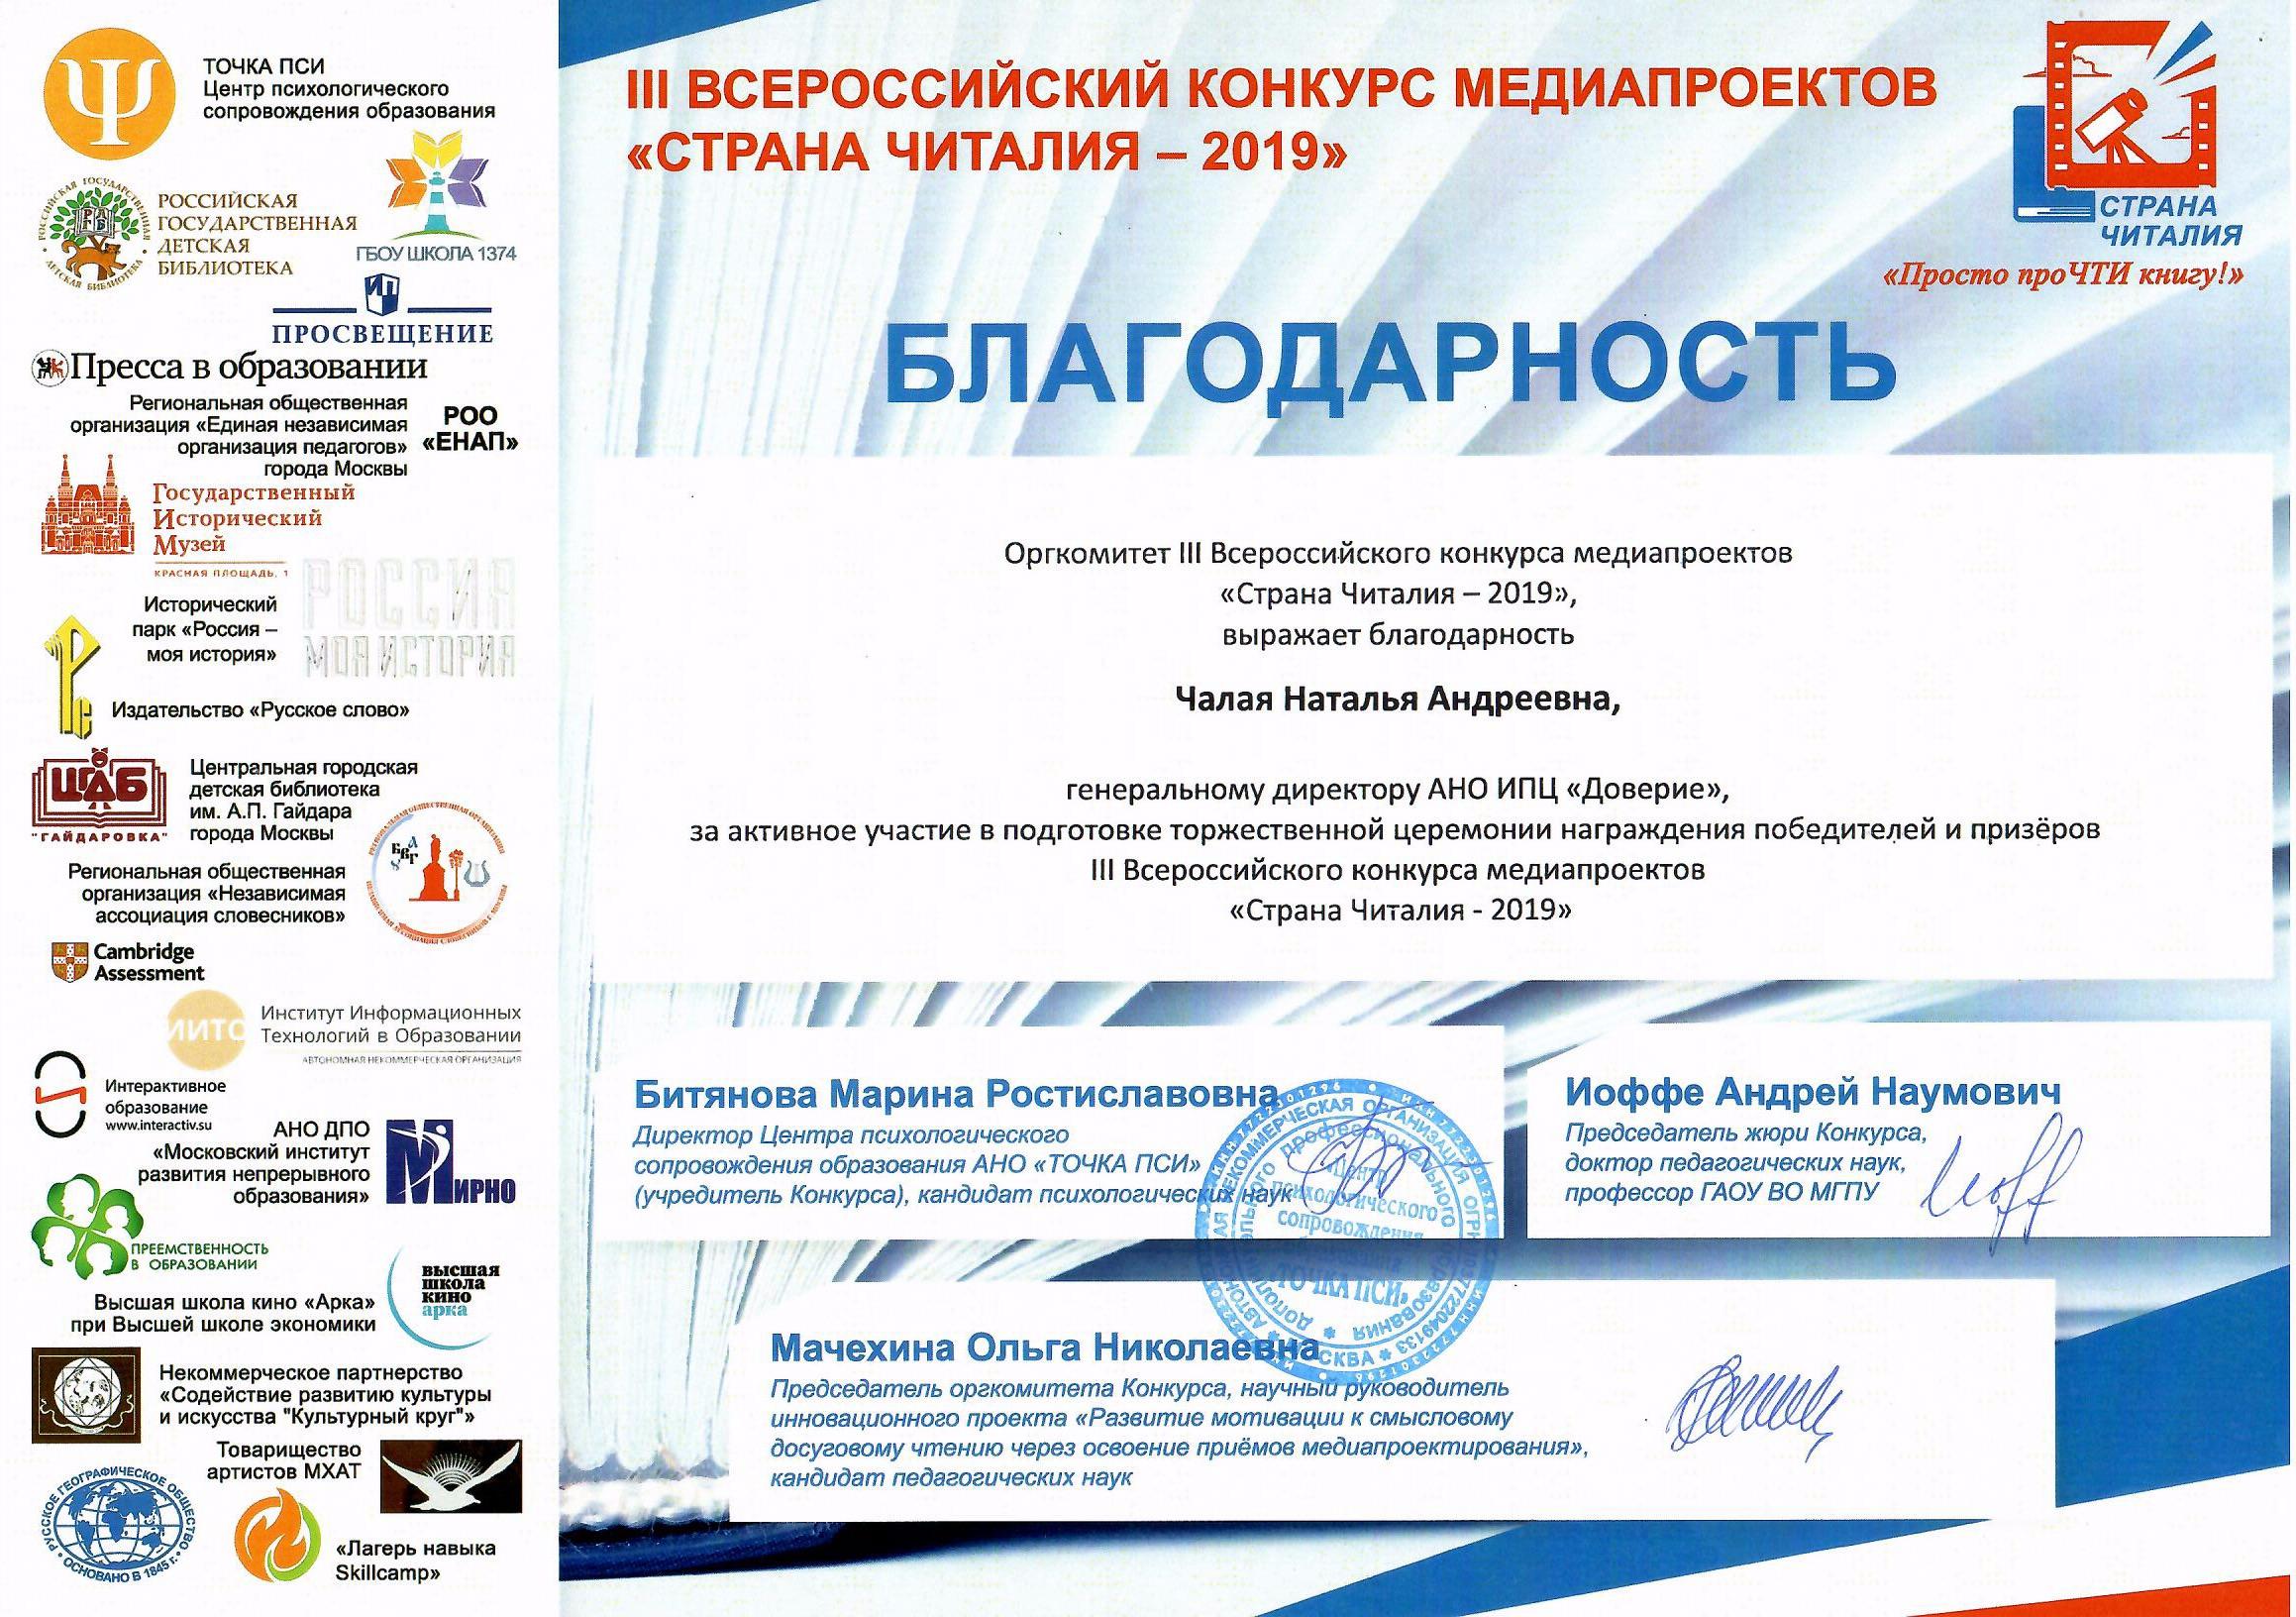 Всероссийский конкурс медиапроектов